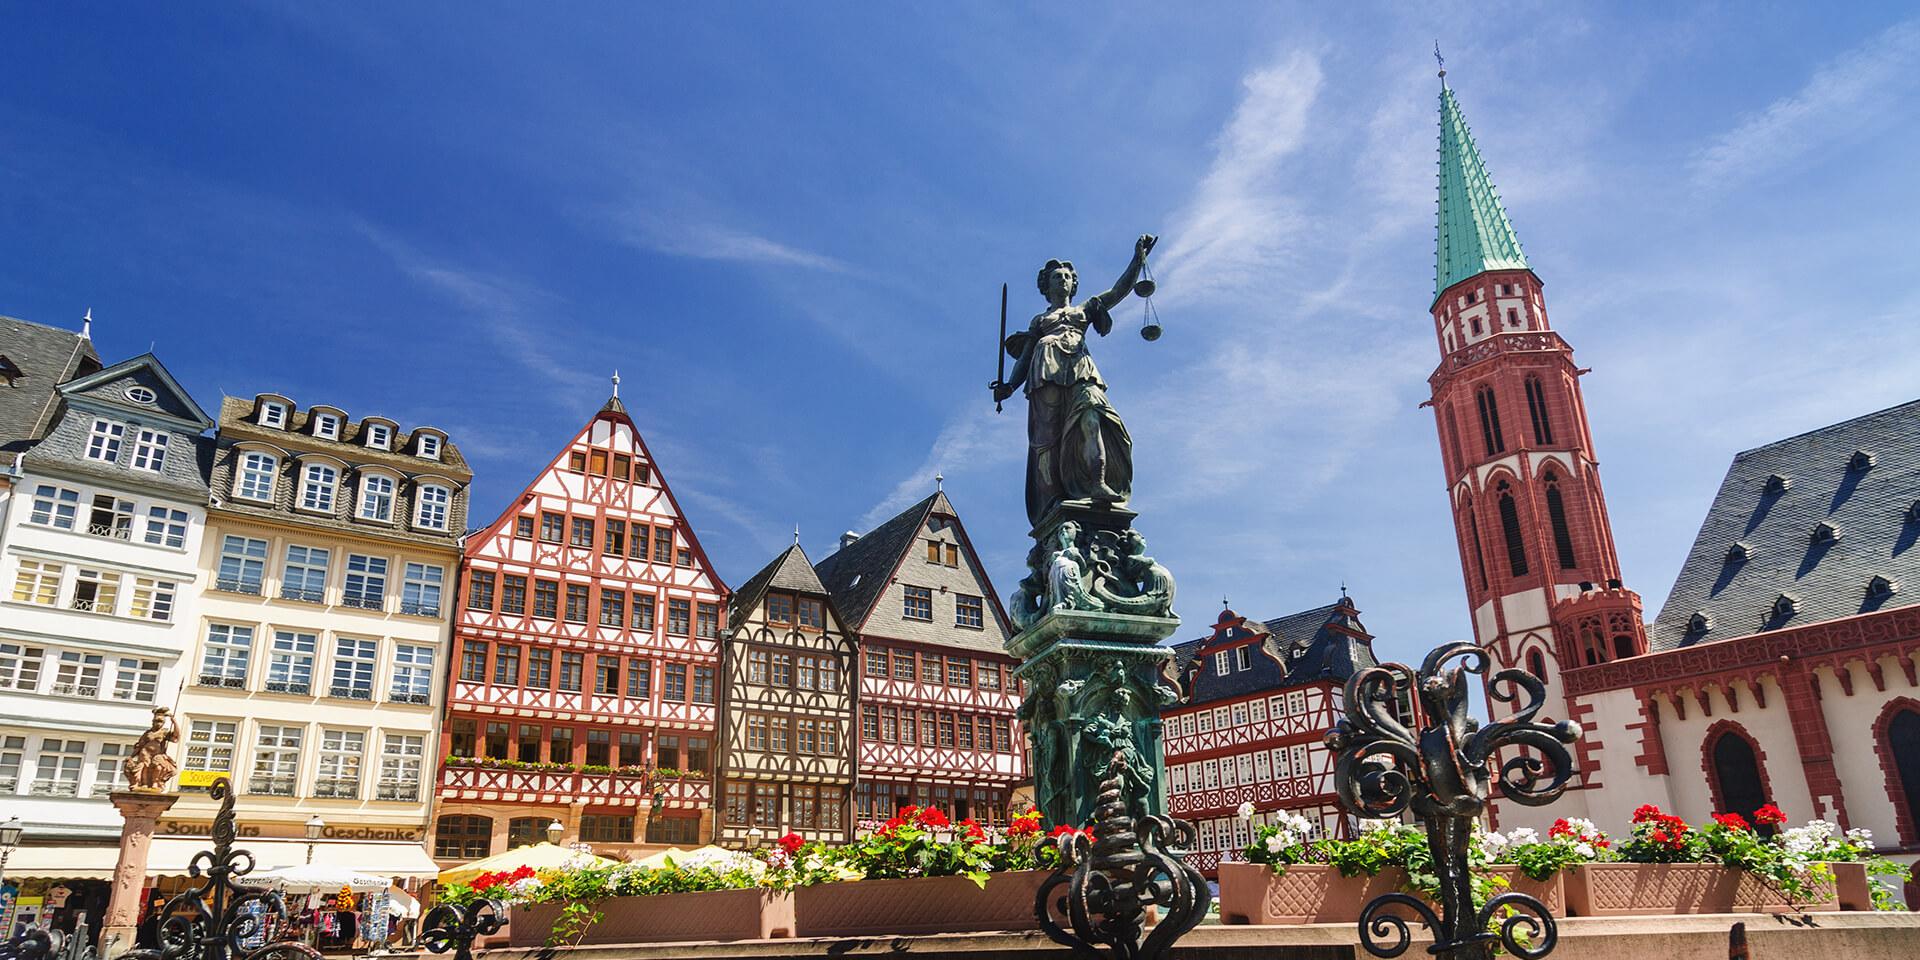 Die Ostzeile, Justitia und Nikolaikirche auf dem Römerberg in Frankfurt